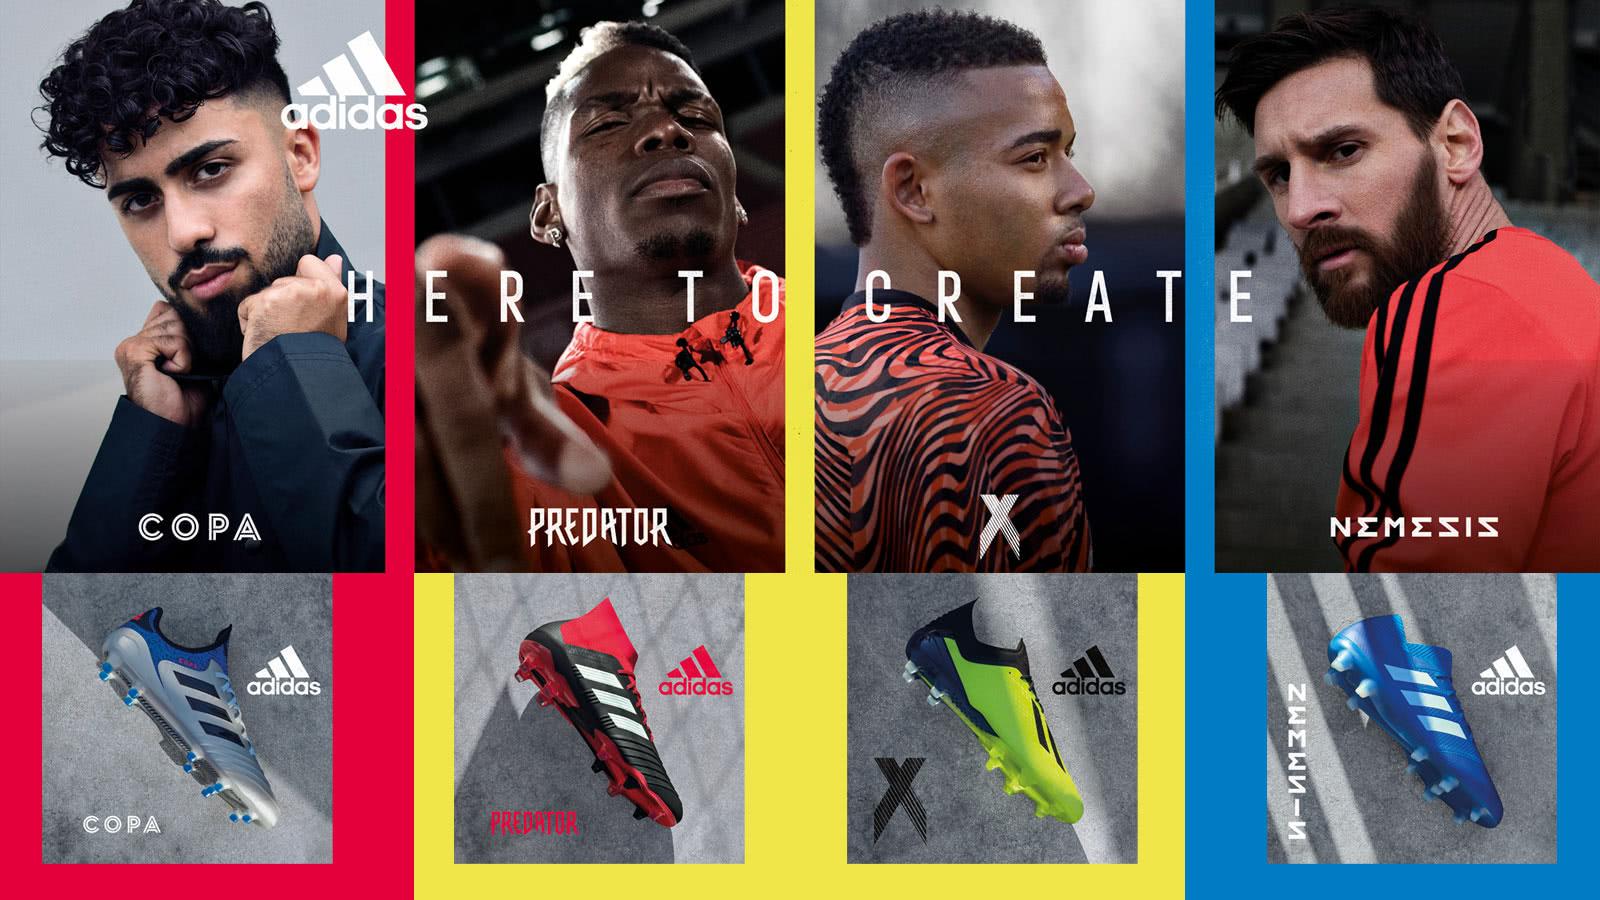 Kết quả hình ảnh cho team mode pack adidas